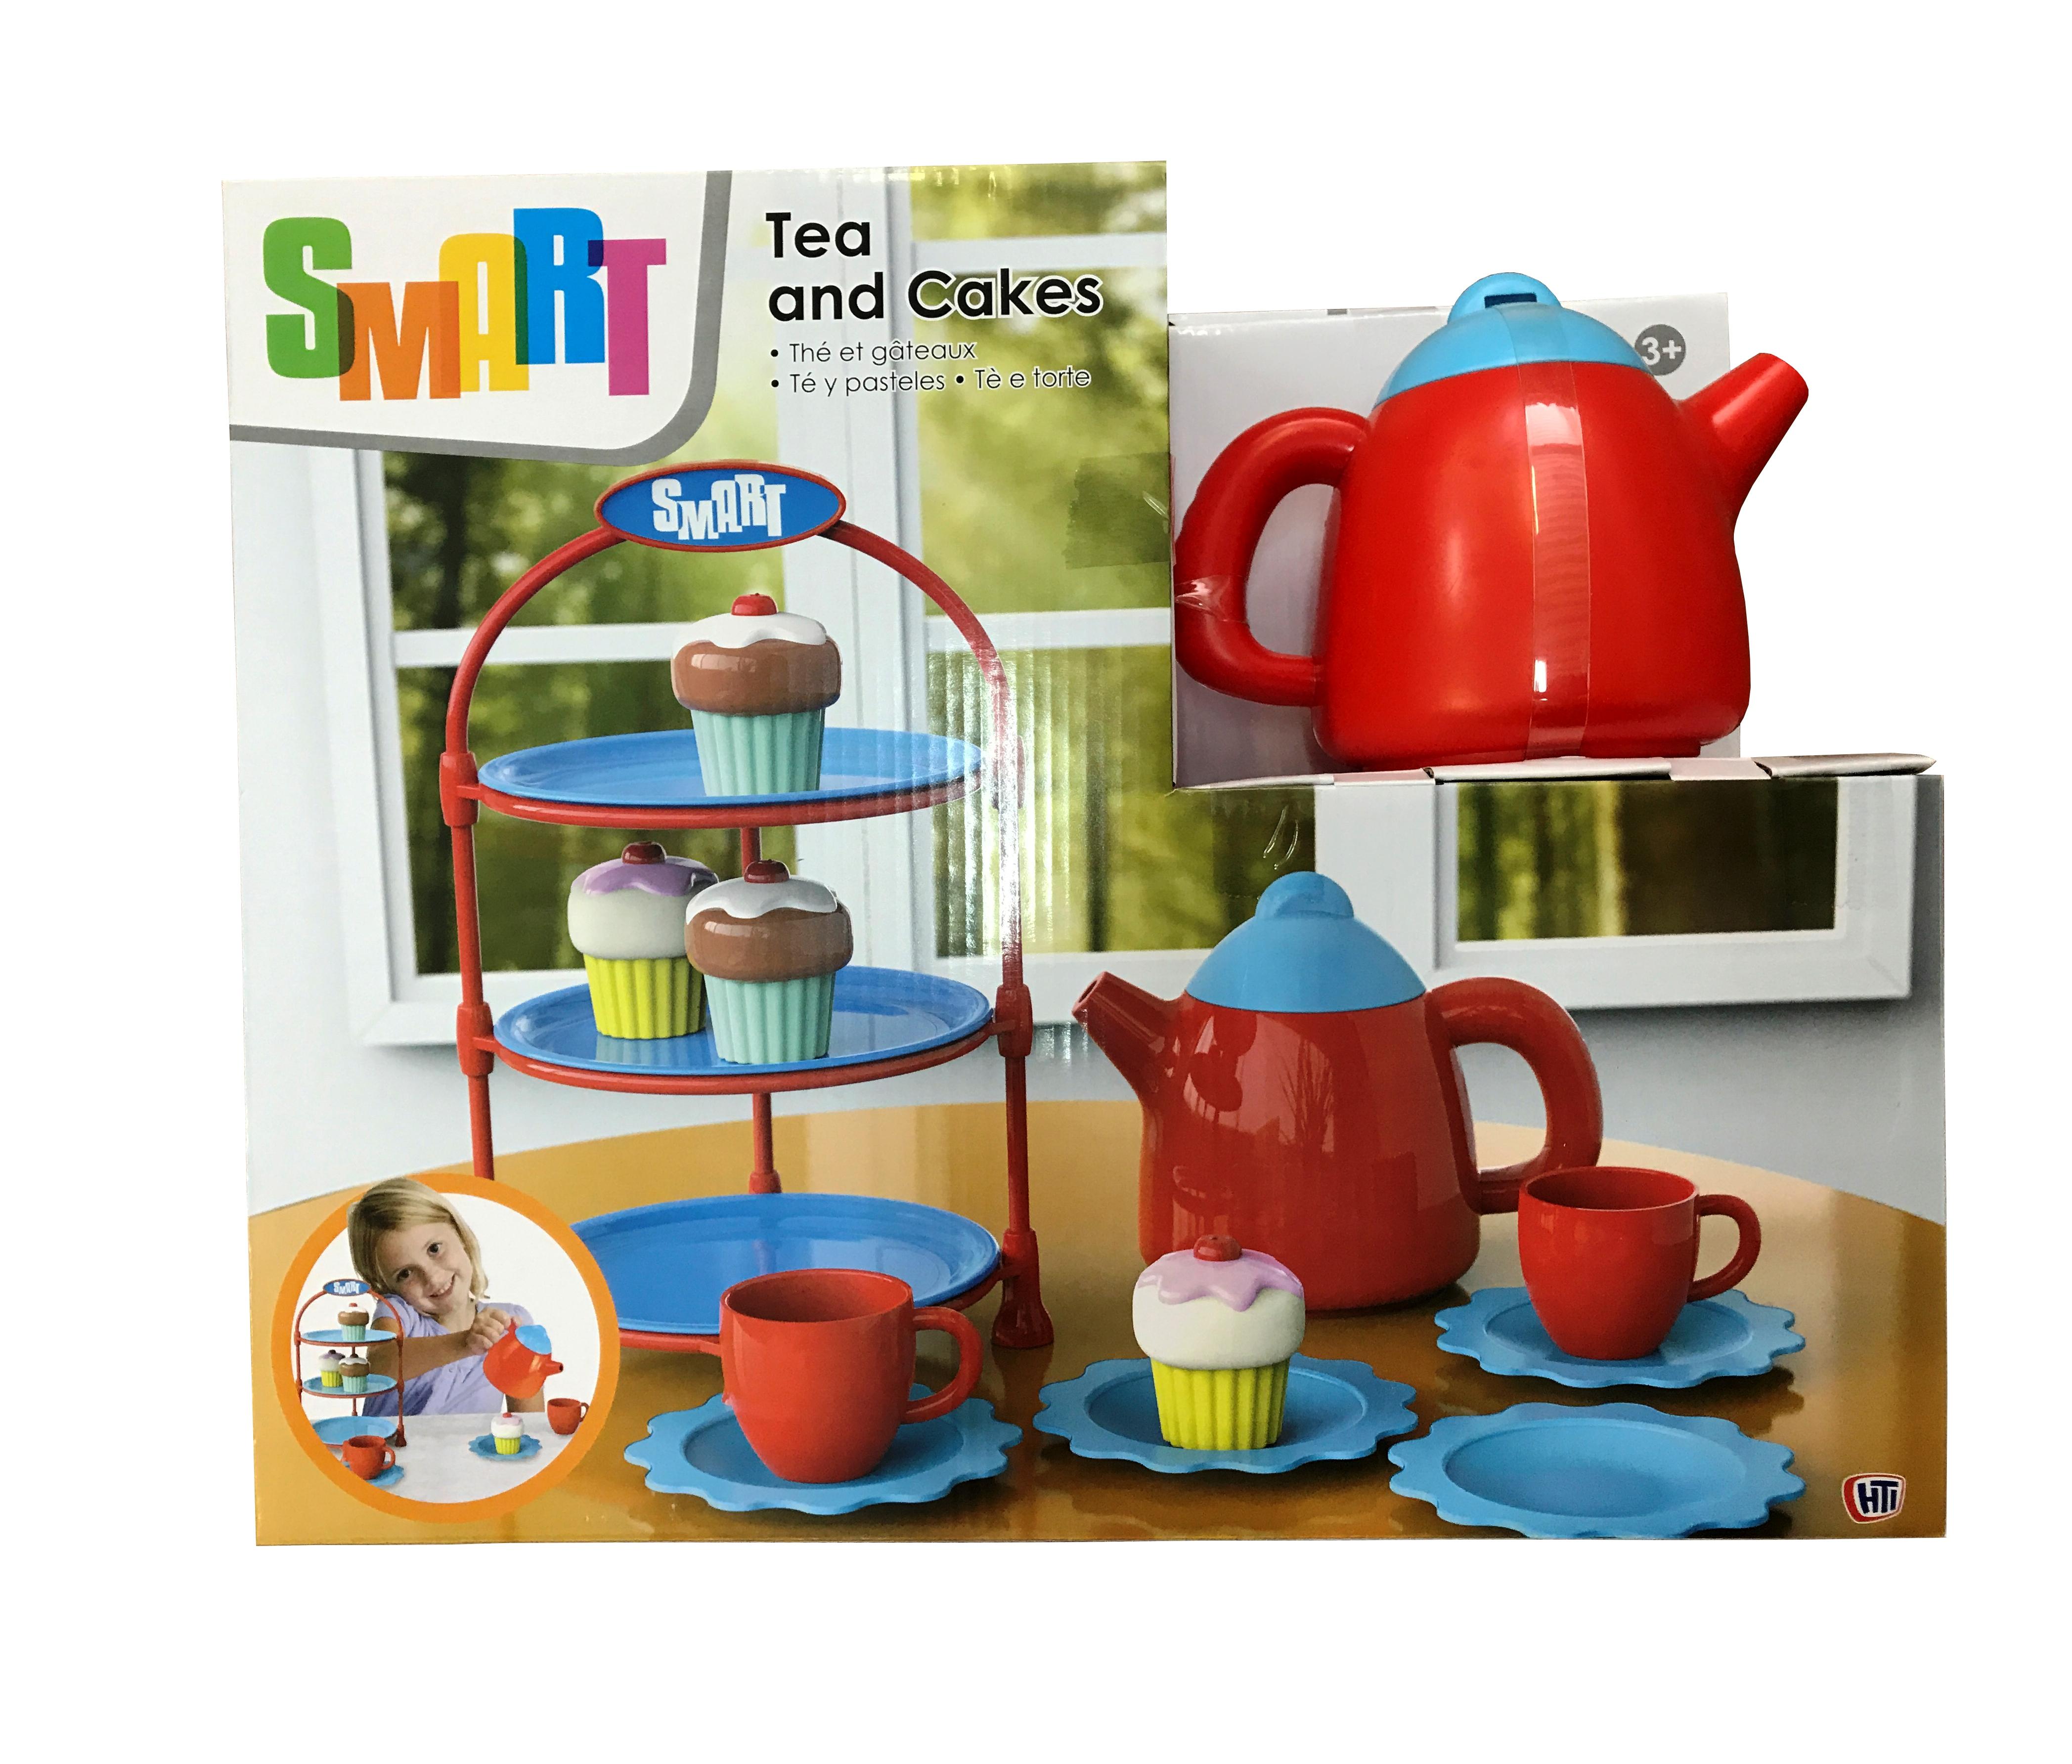 HTI Набор для чая с кексами Smart hti игровой набор микроволновая печь smart